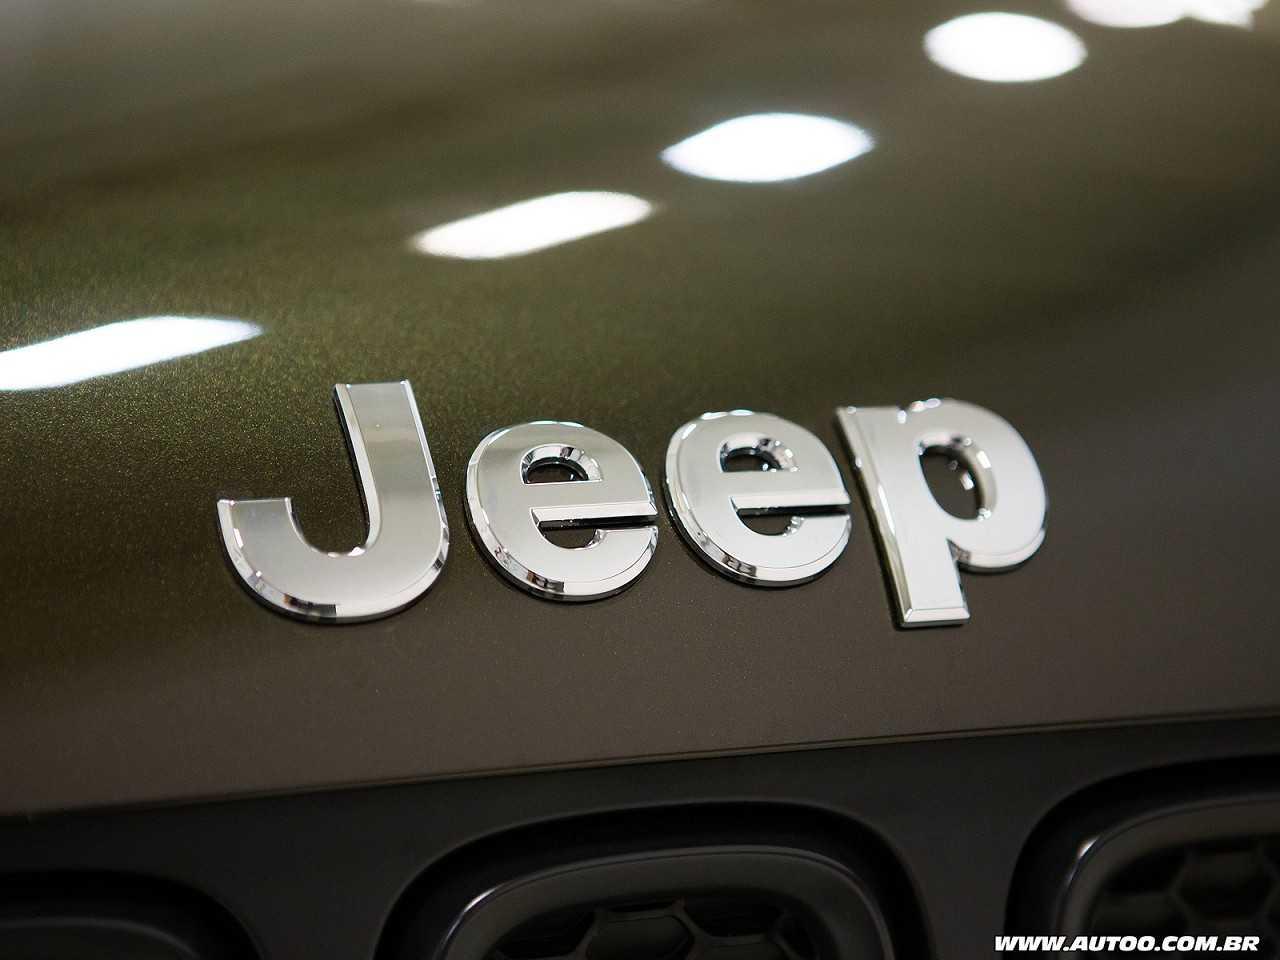 JeepRenegade 2018 - outros